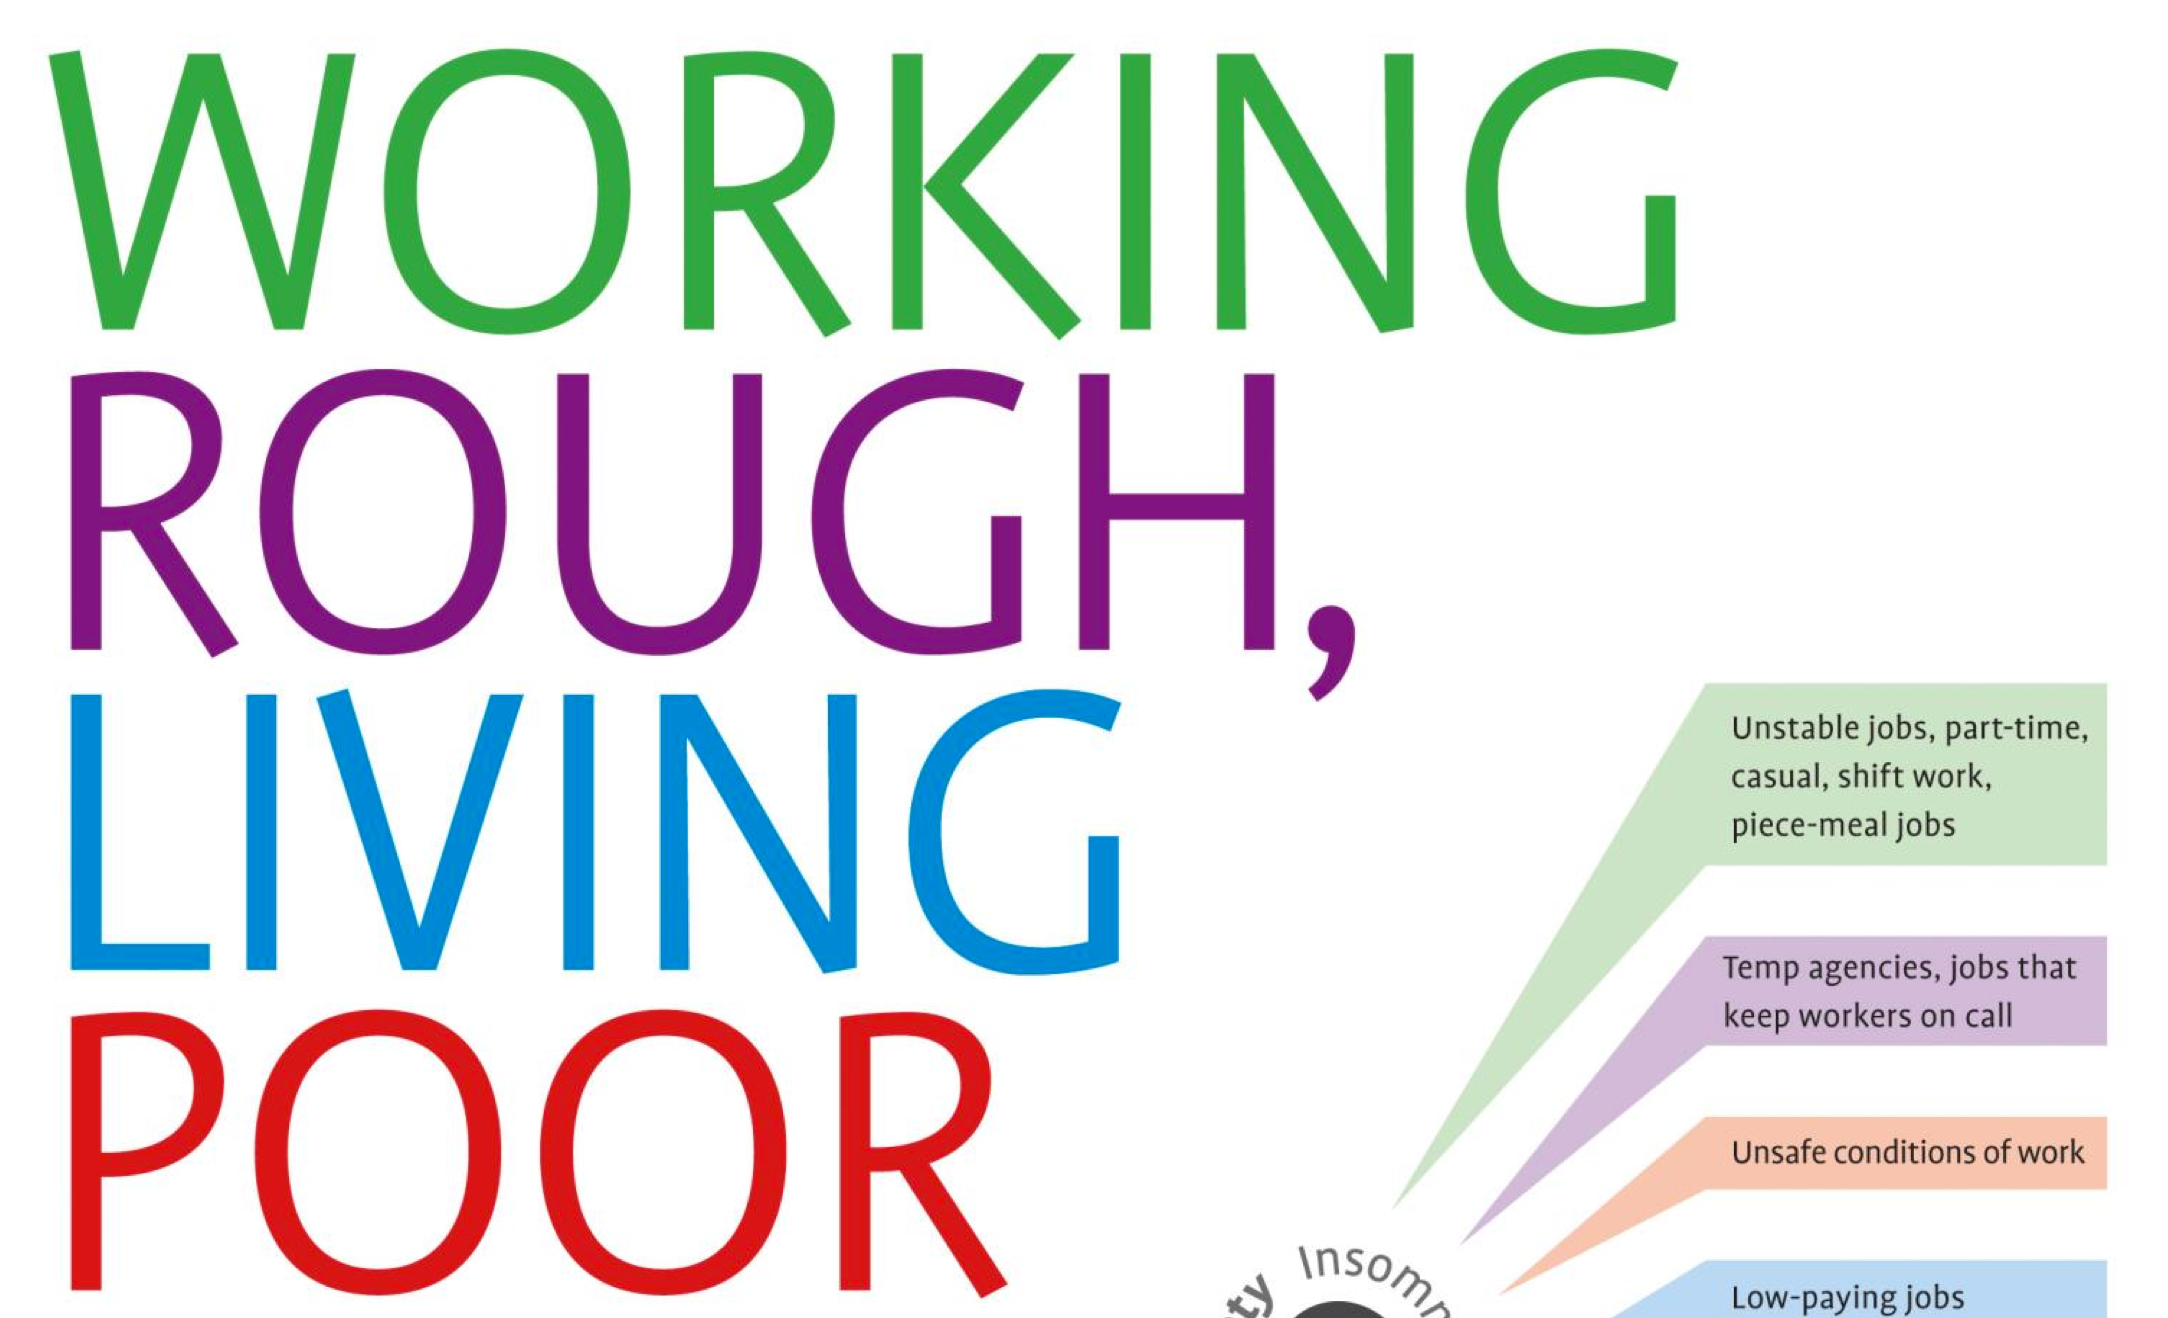 working rough living poor